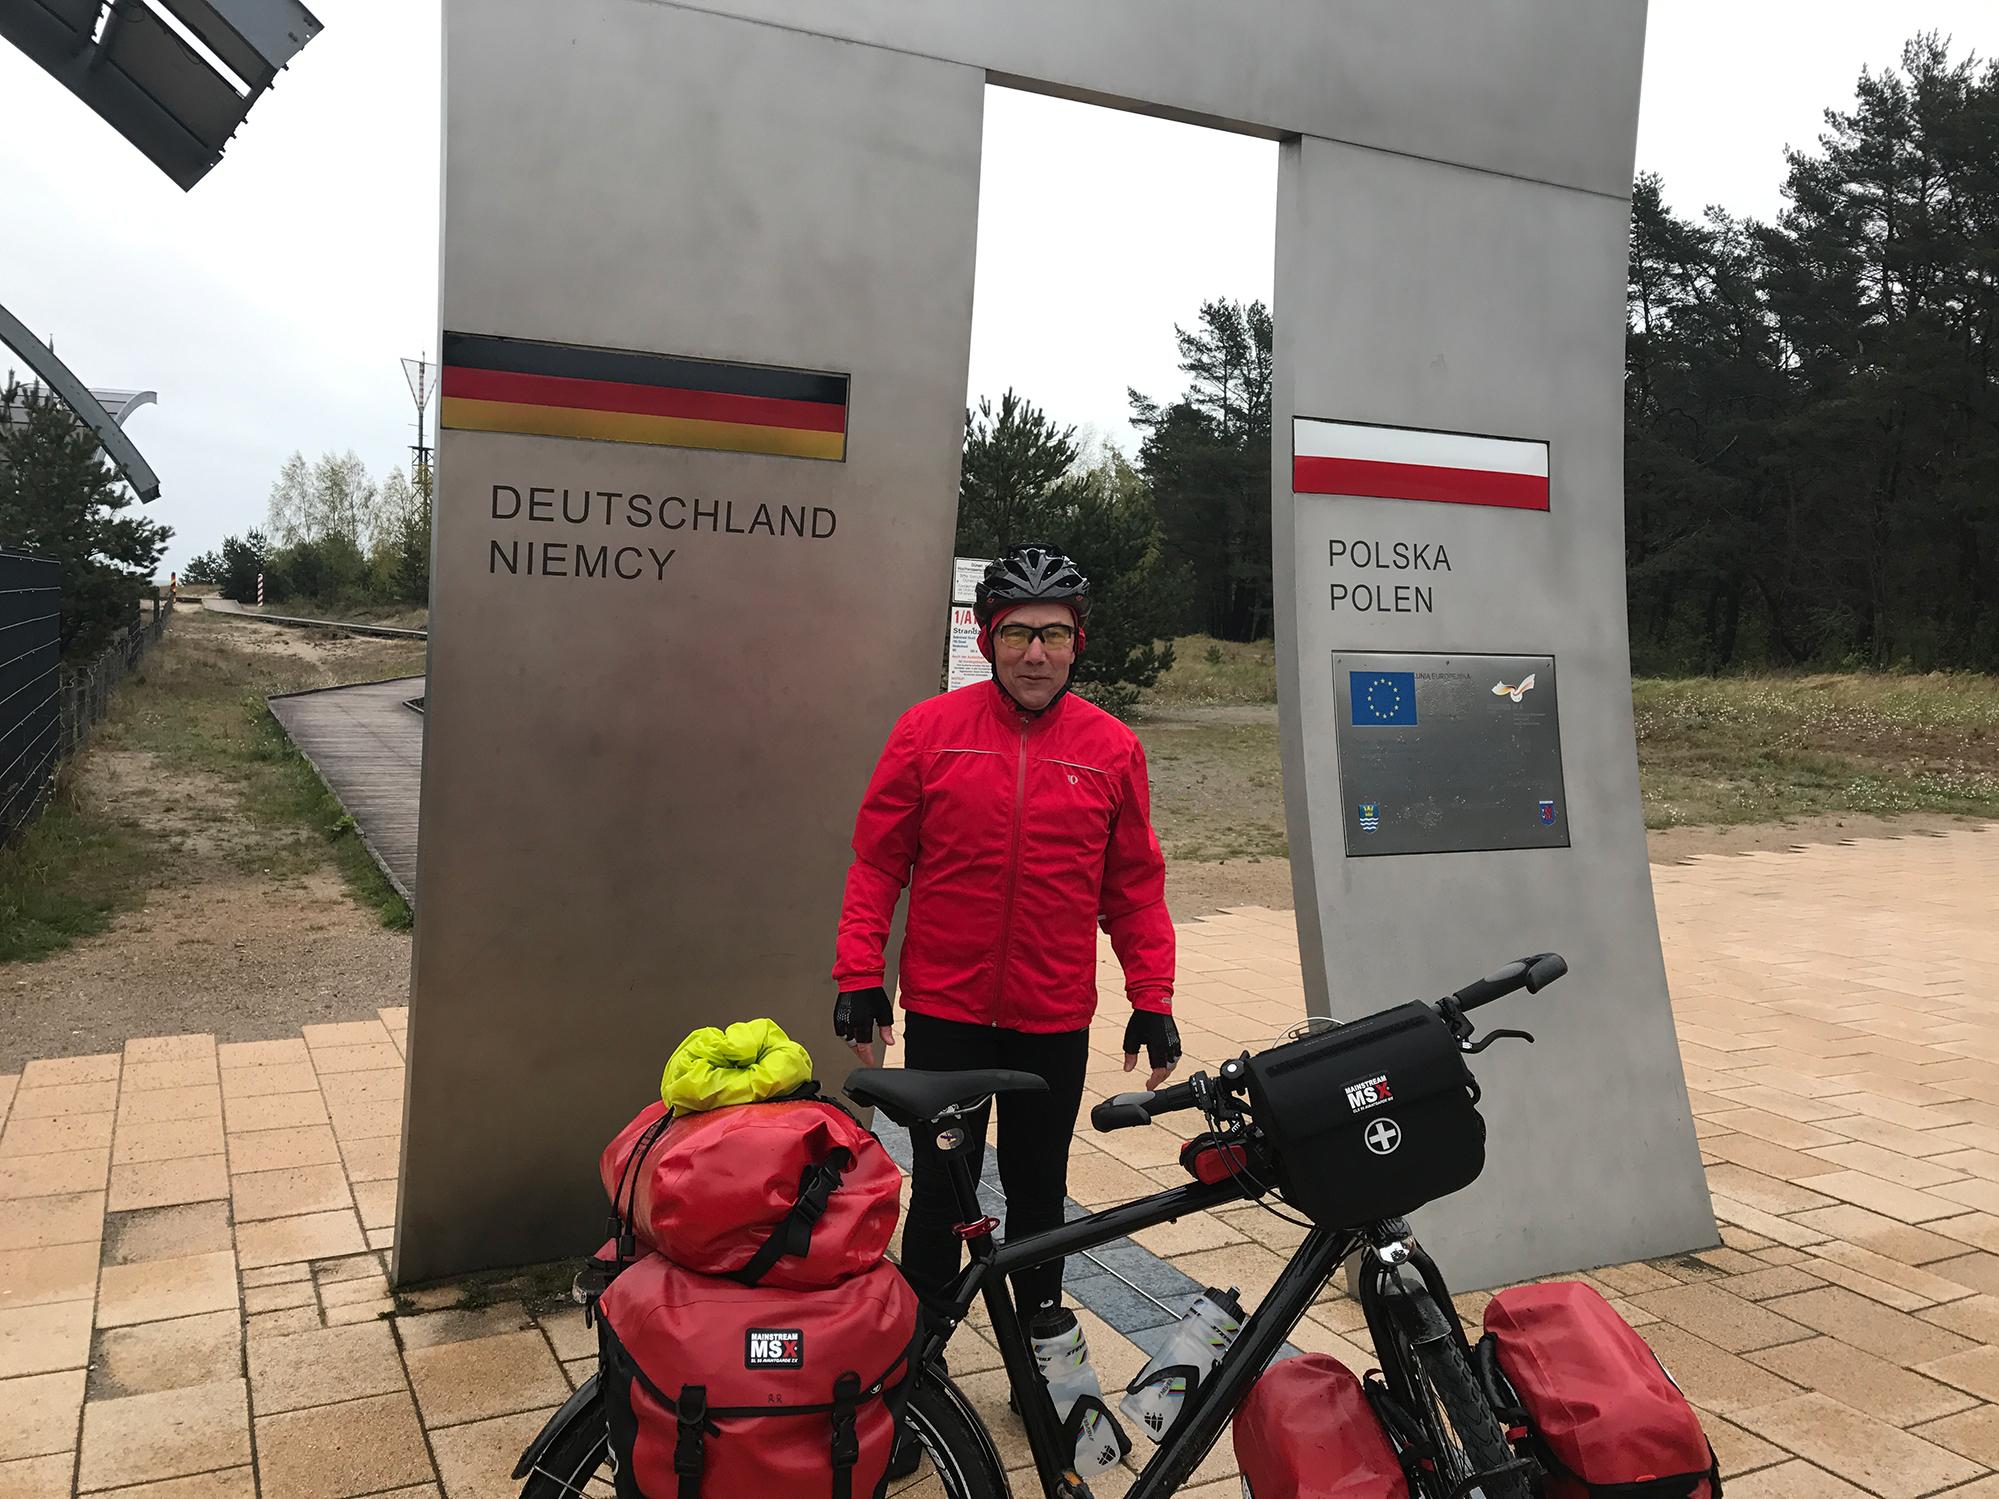 At the German-Polish border